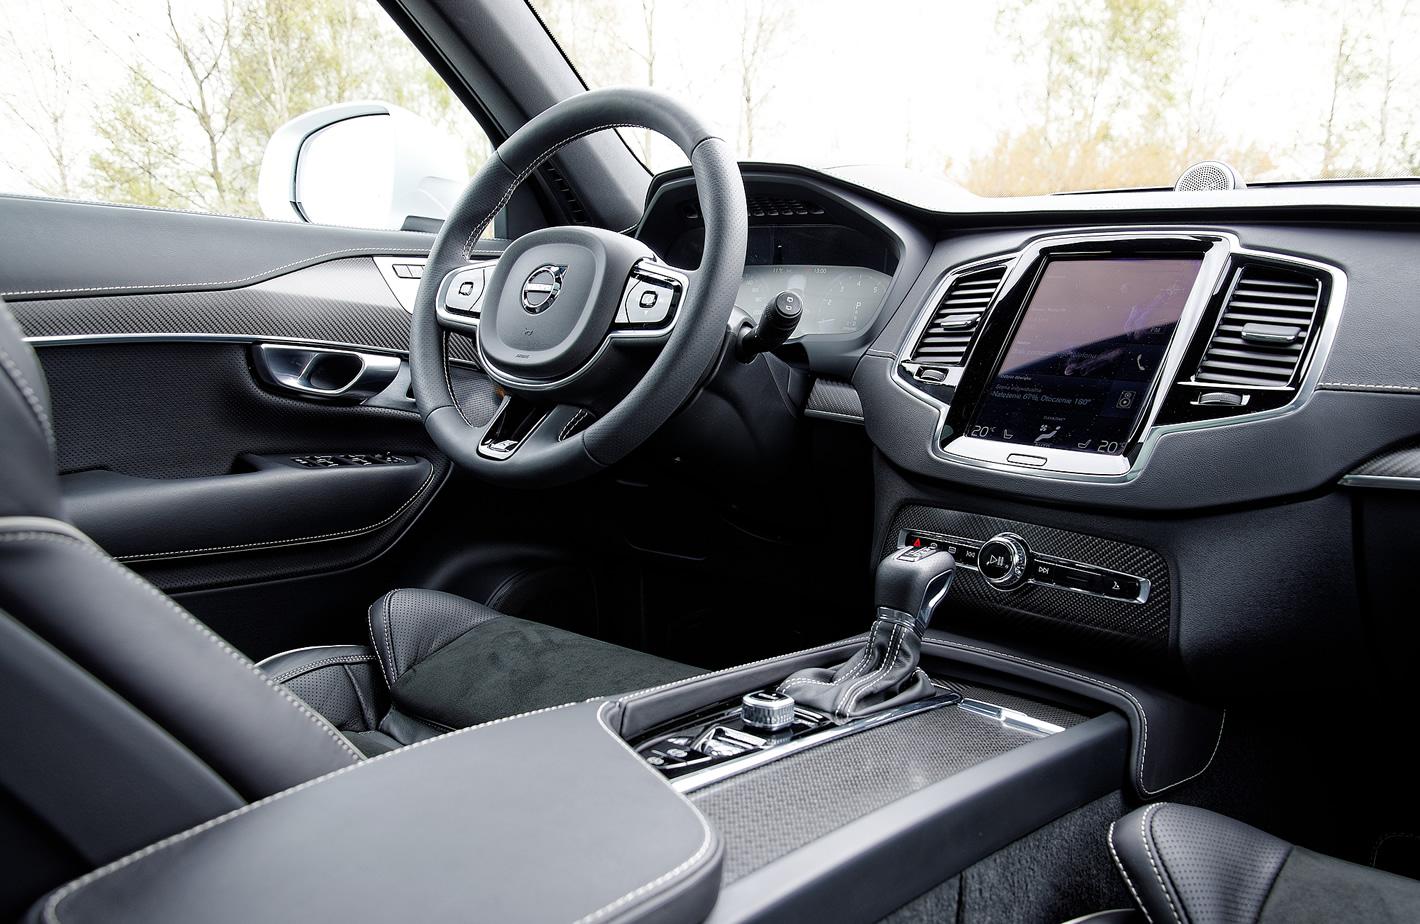 Volvo XC90 T6 AWD R-design - karbonowe wstawki wkabinie